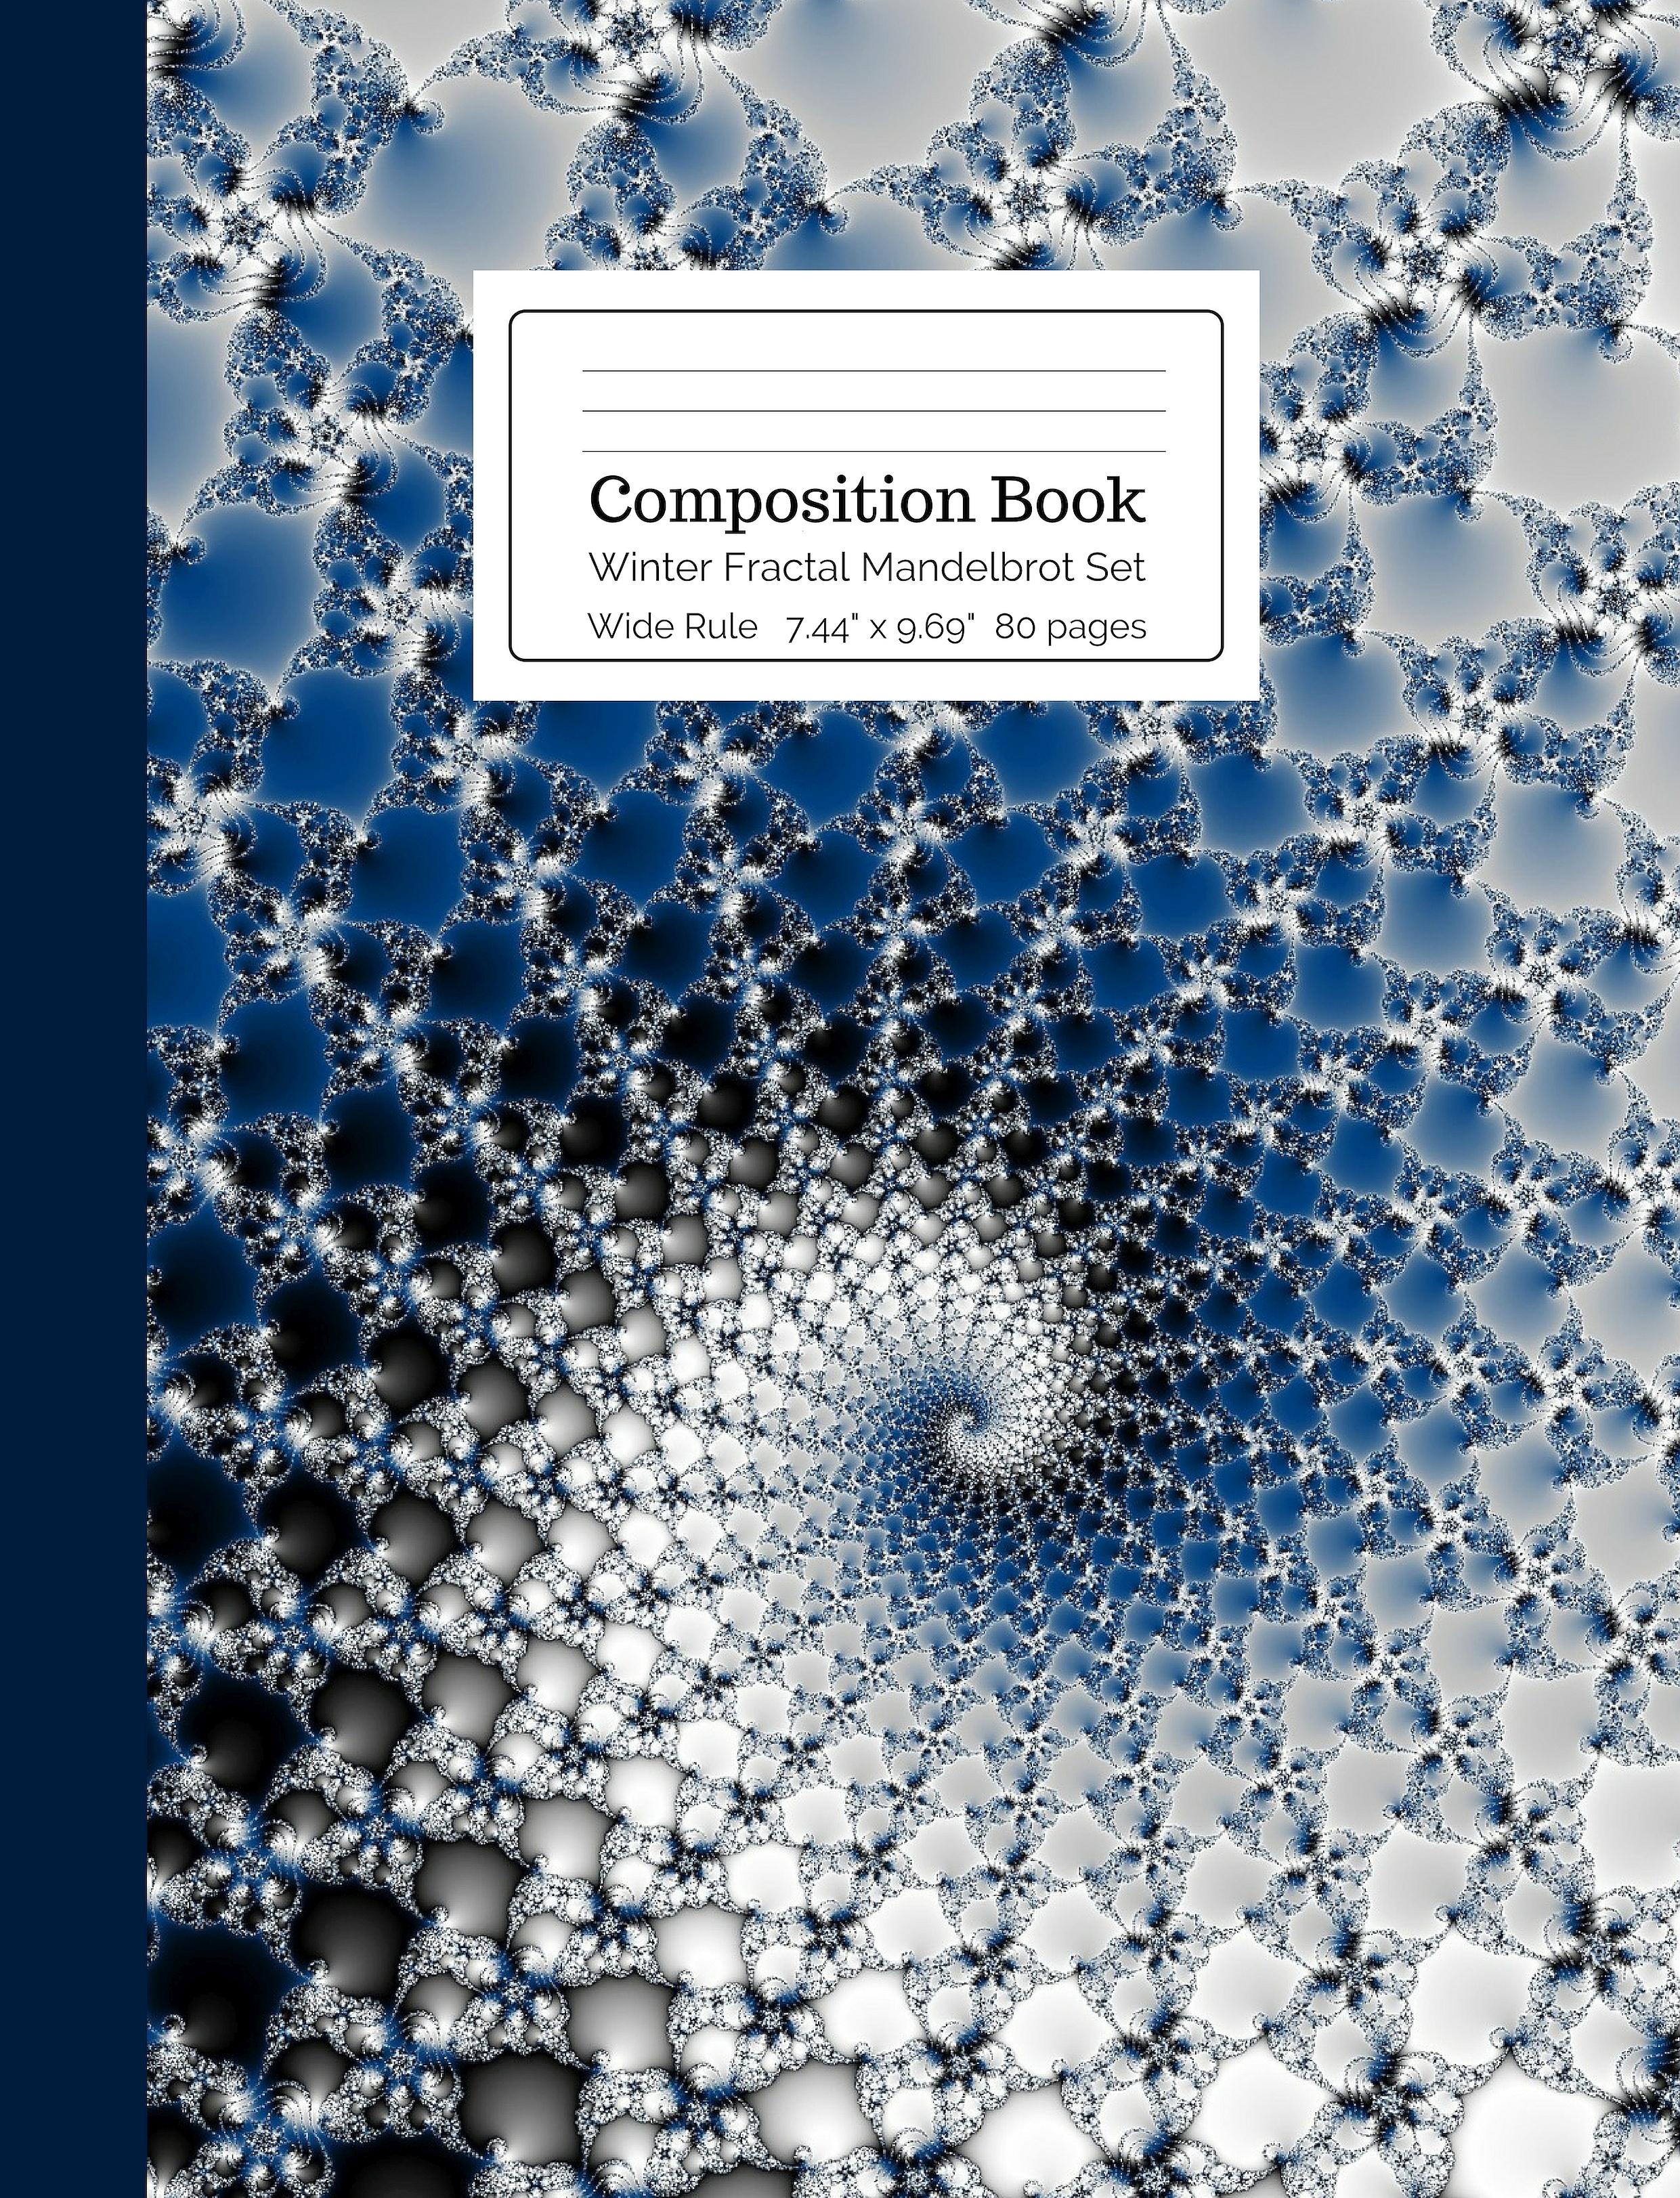 Winter Fractal Mandelbrot Set Composition Book